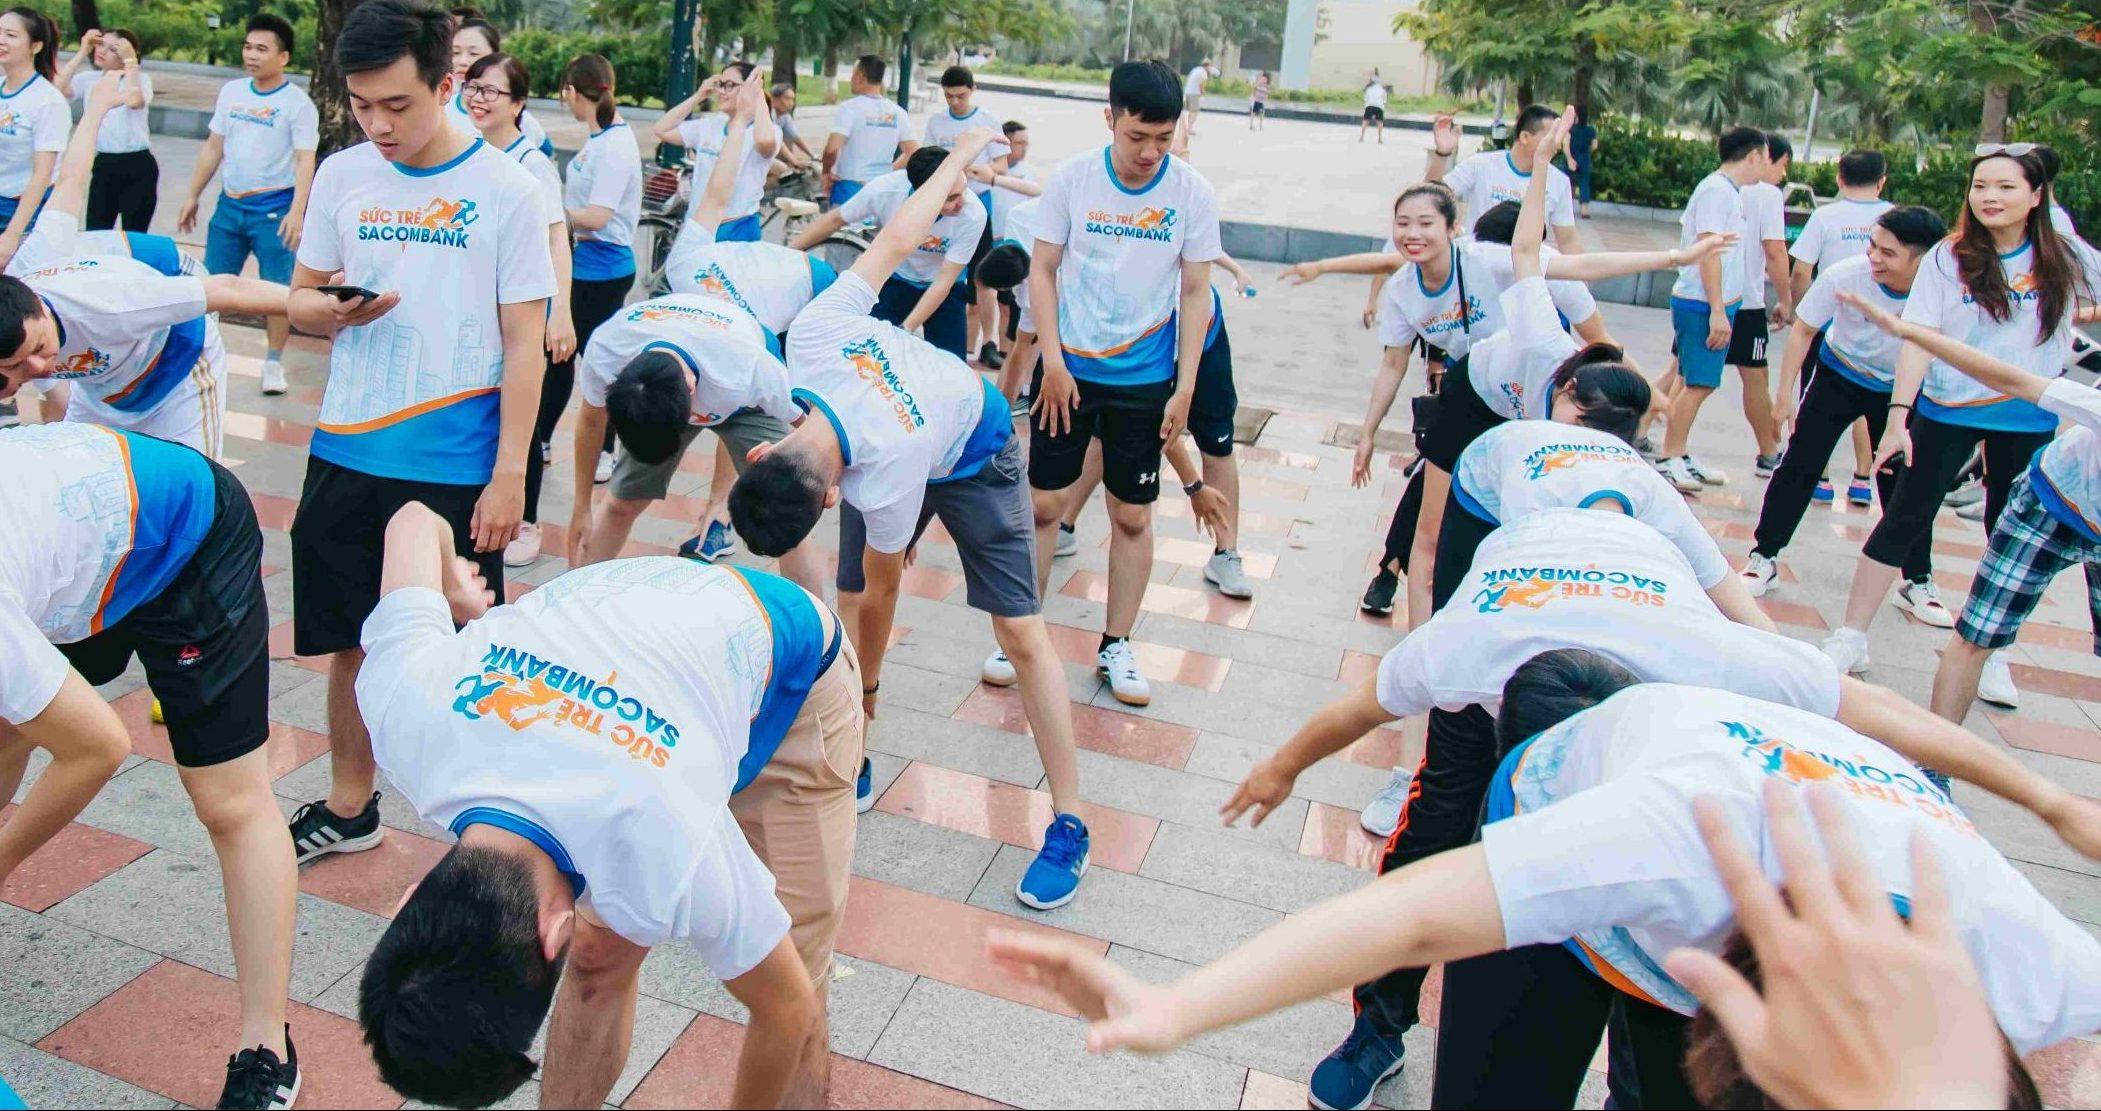 Chụp ảnh sự kiện Sức trẻ Sacombank Hải Phòng